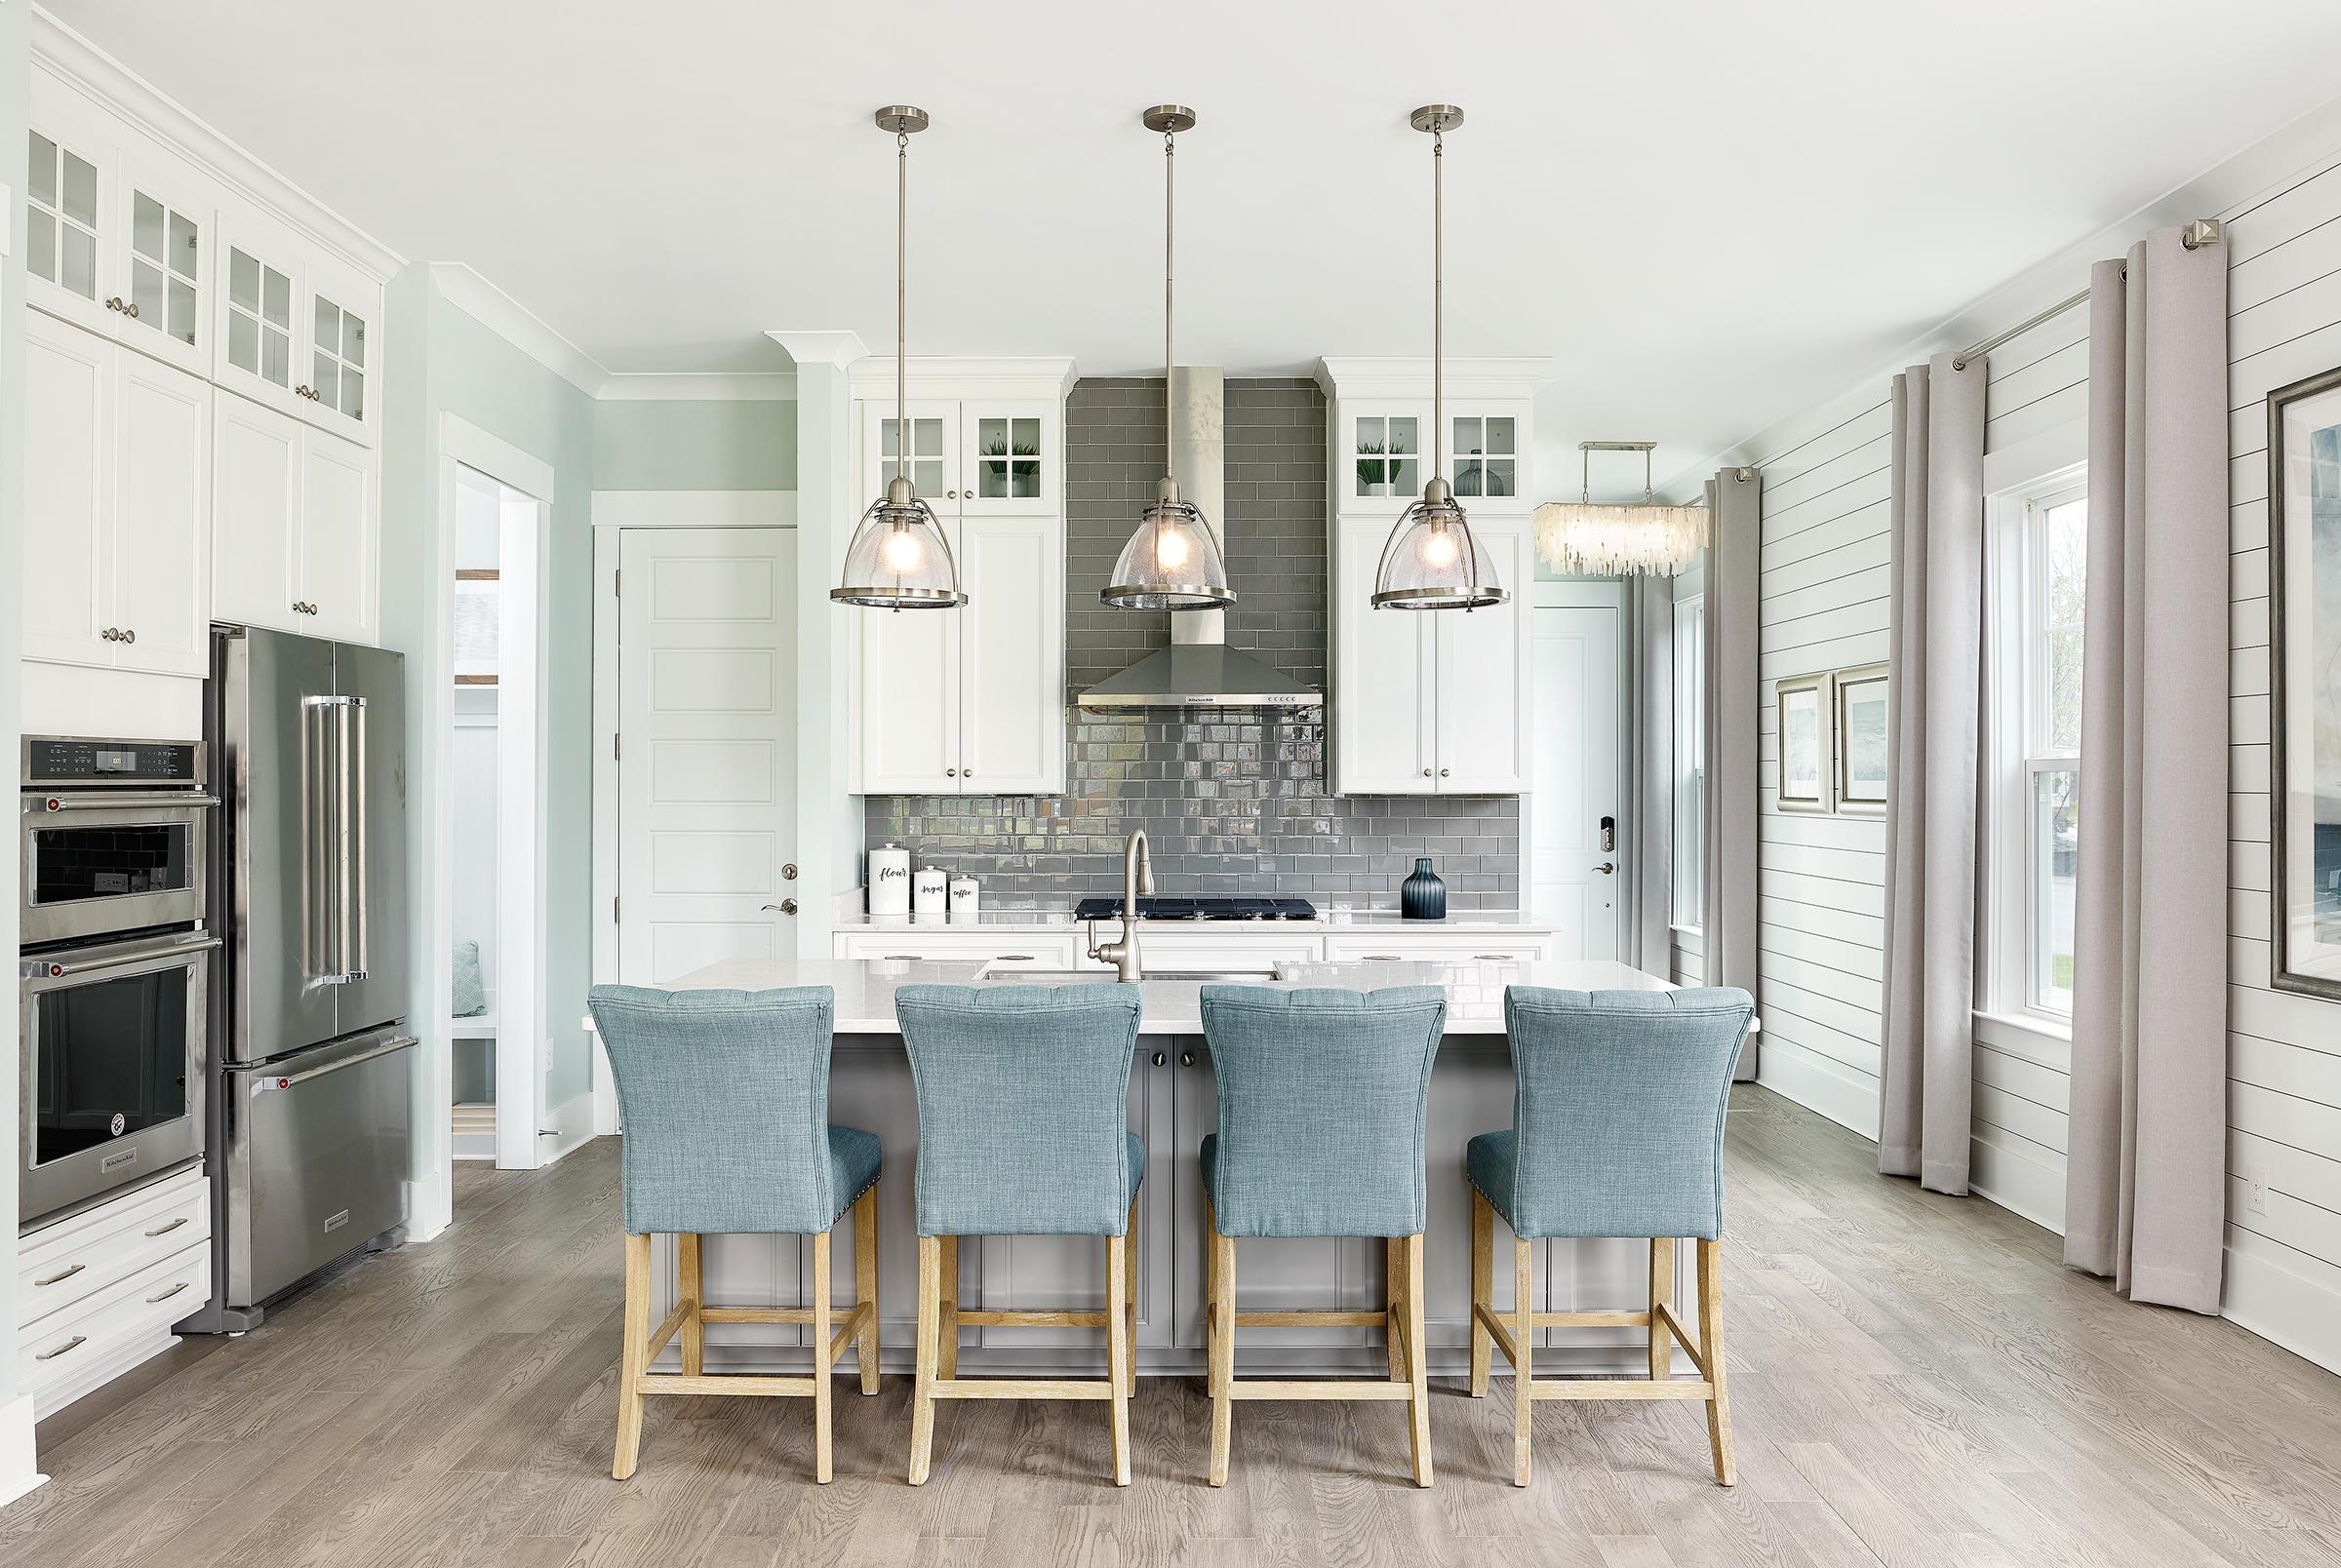 Dunes West Homes For Sale - 2406 Brackish, Mount Pleasant, SC - 21